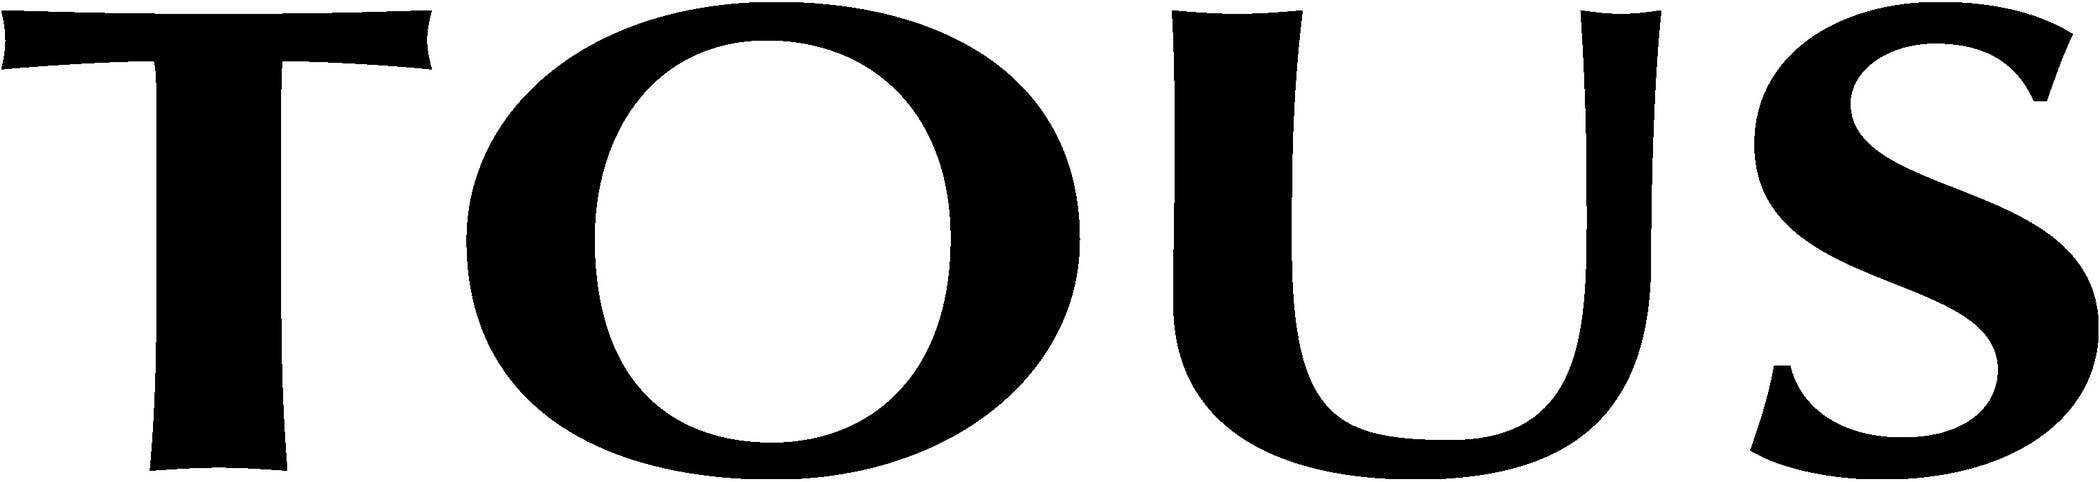 tous-logo